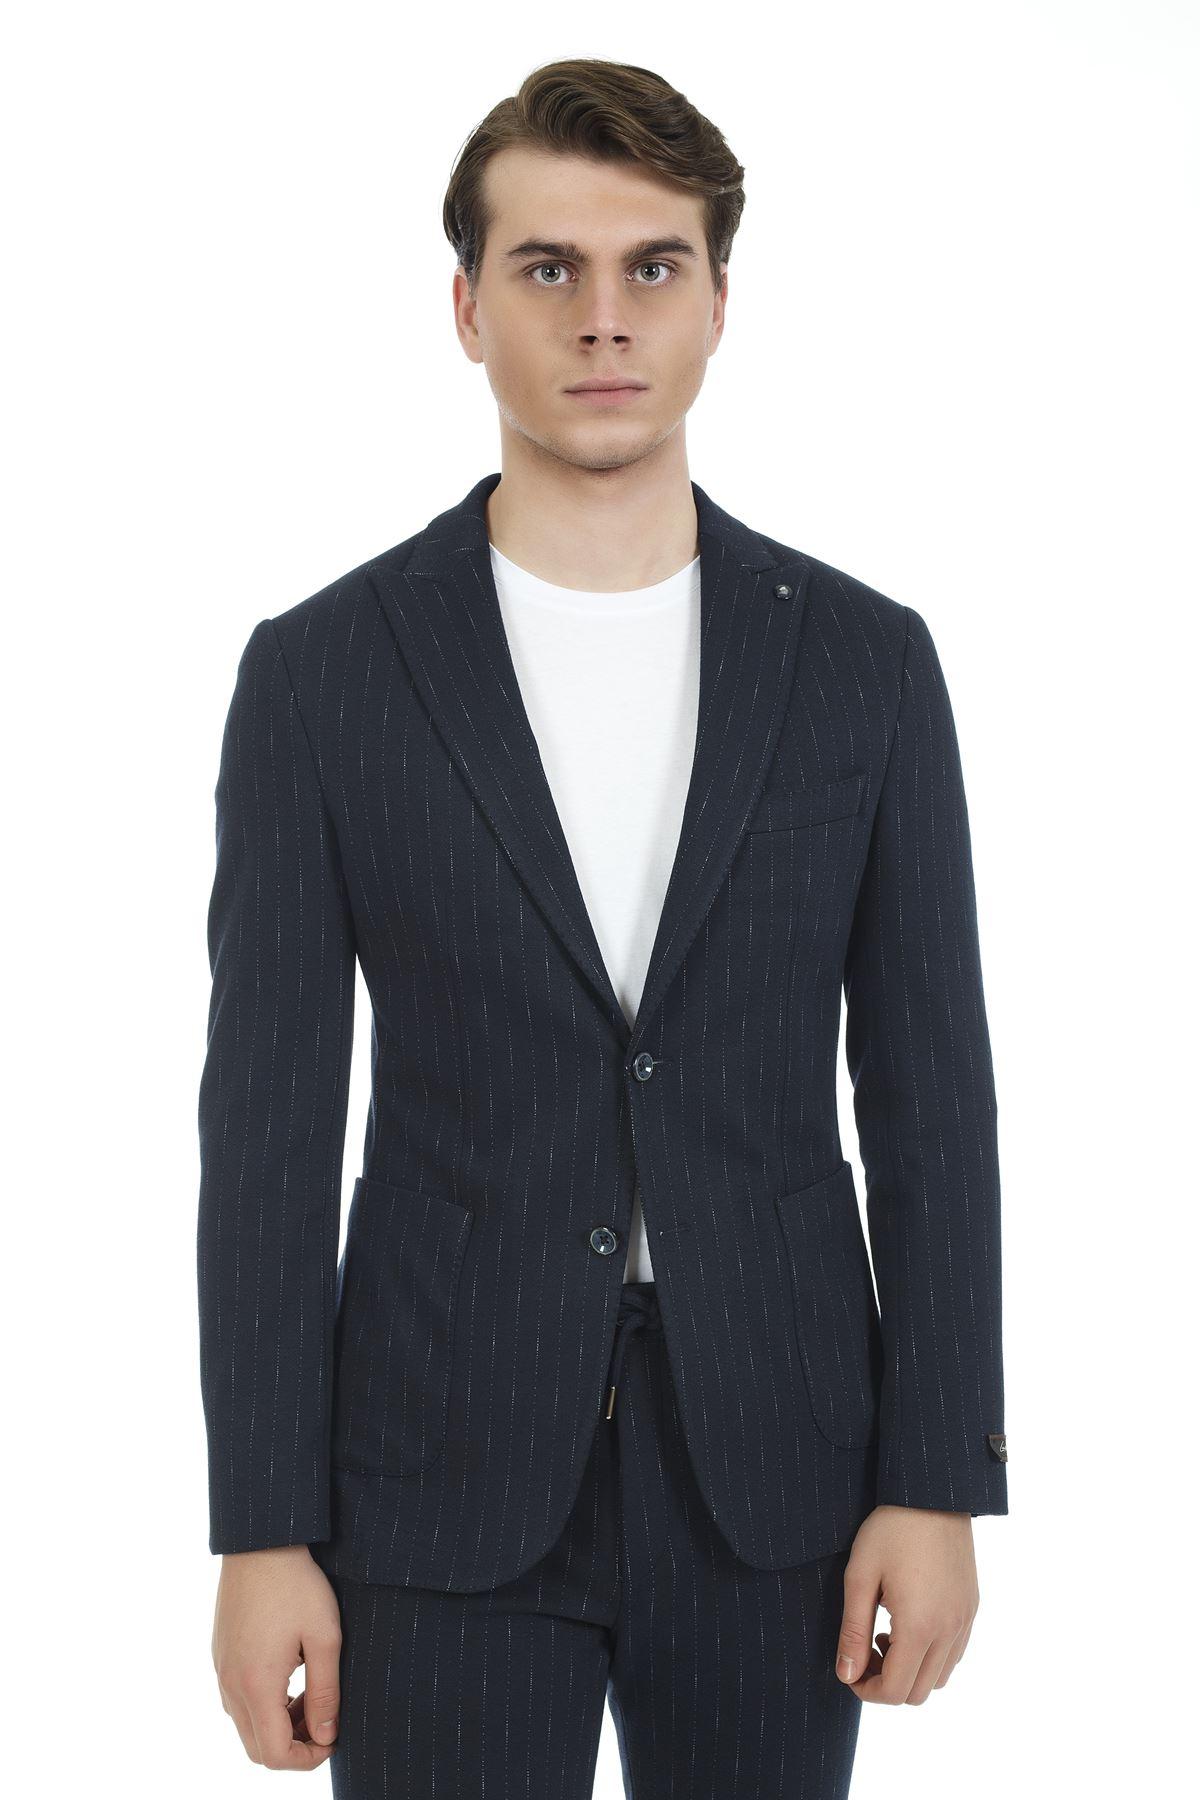 Lacivert Beyaz Çizgili Süper Slim Likralı Spor Takım Elbise